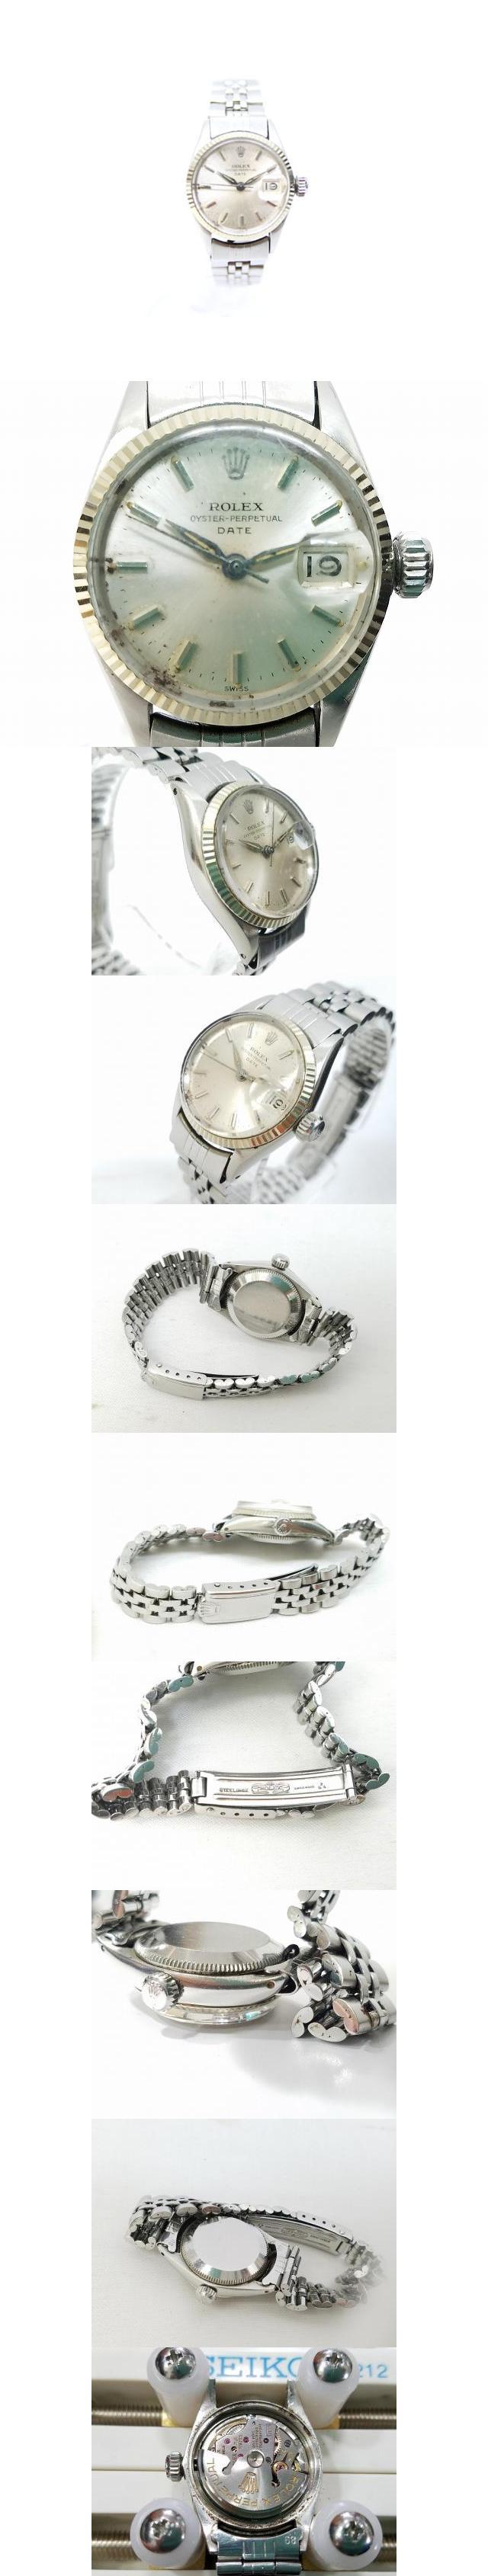 オイスターパーペチュアルデイト 6917 腕時計 ウォッチ 自動巻き ステンレススチール /Z